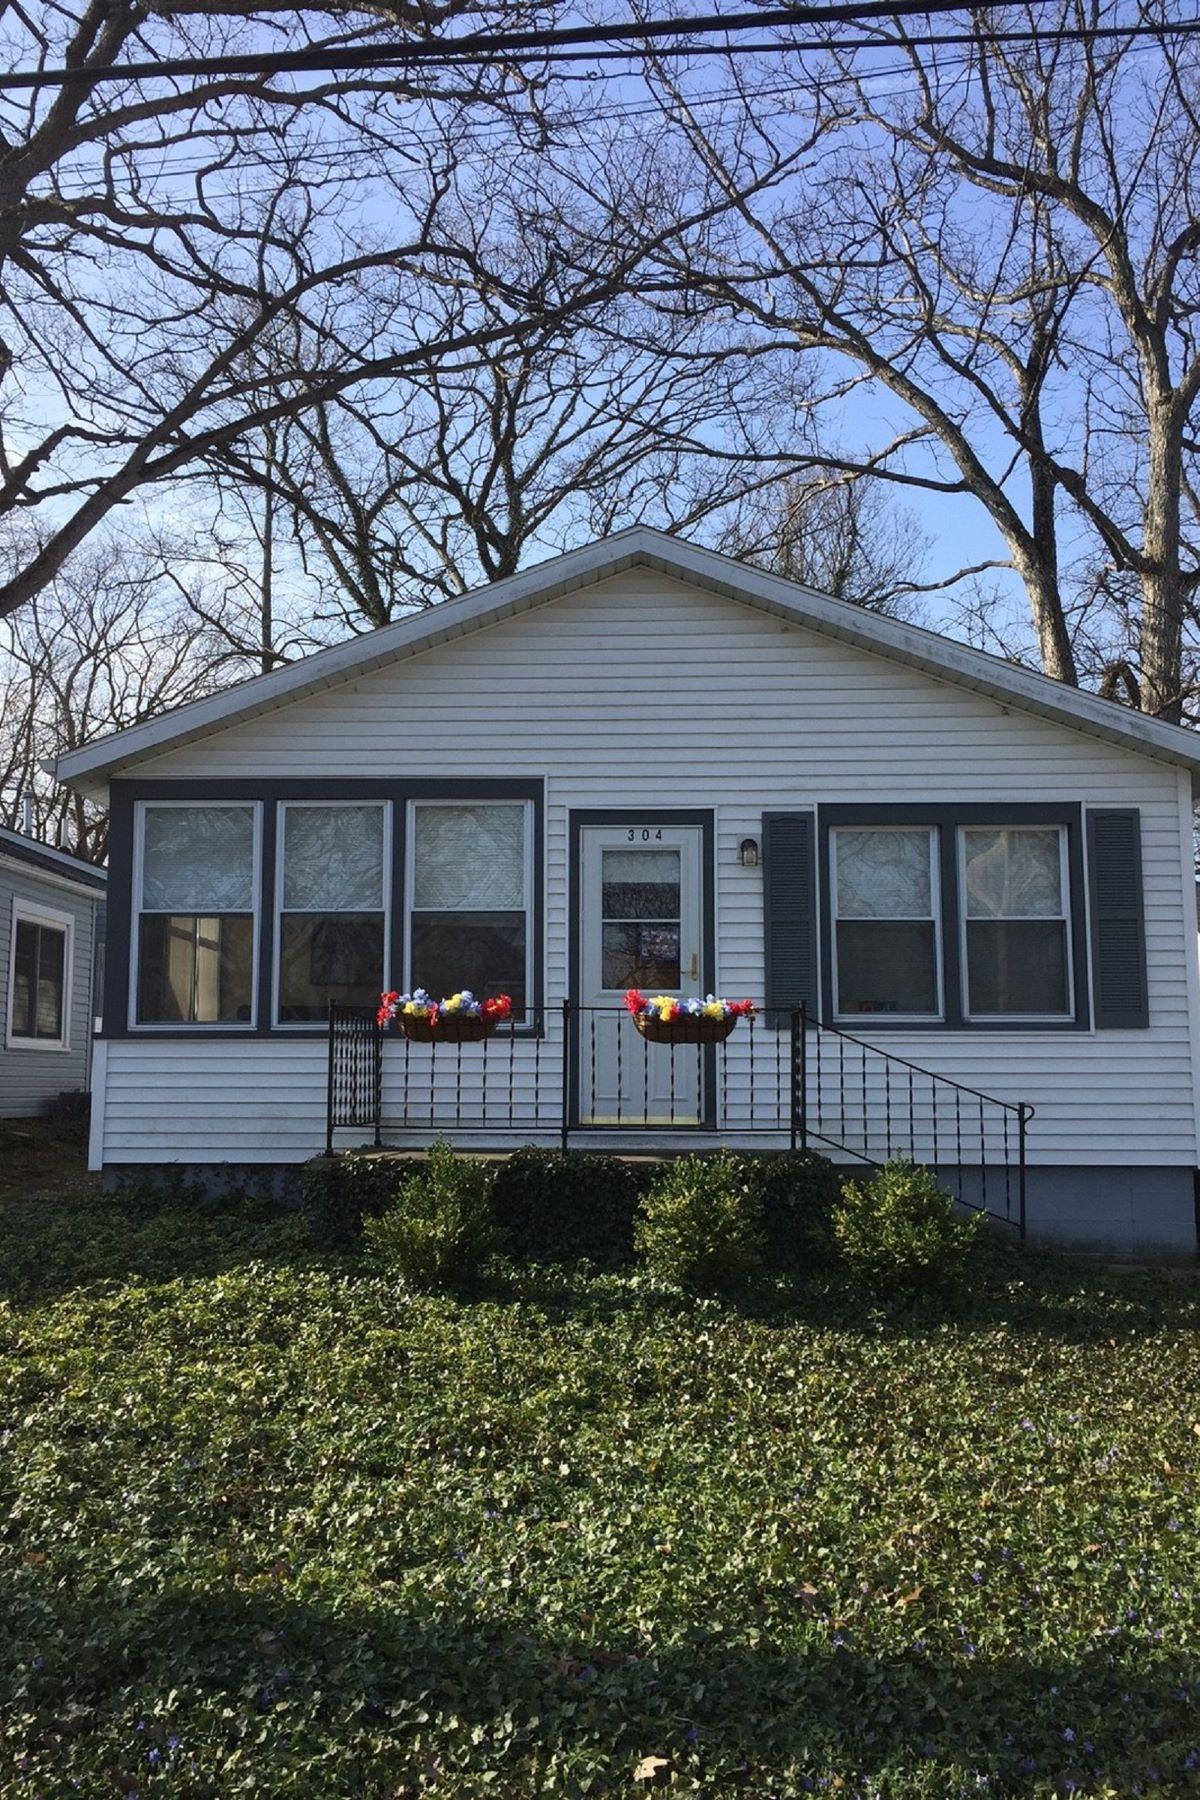 Single Family Home for Sale at 304 E. Sixth Street 304 E. Sixth Street Lakeside, Ohio 43440 United States